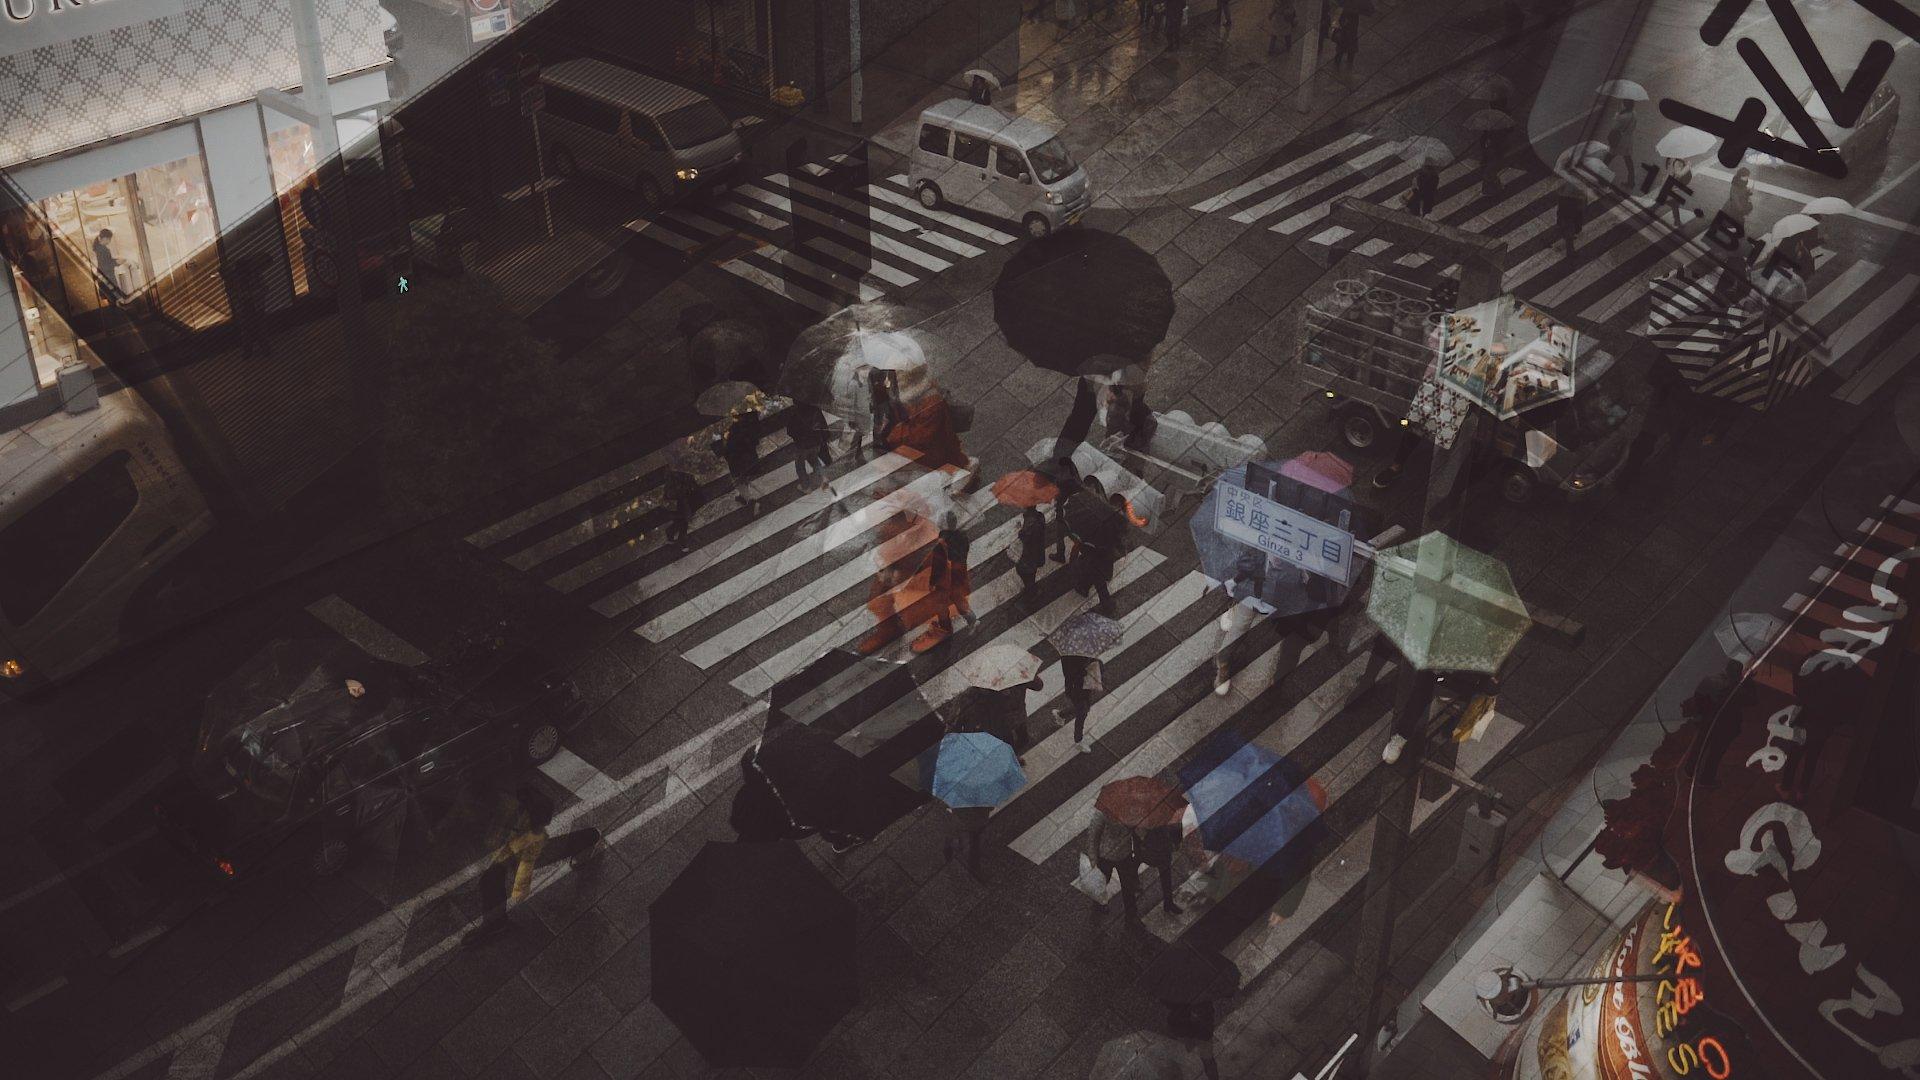 Tokyo Rain Cine Scenes Overlaid Shots Ginza Crossing